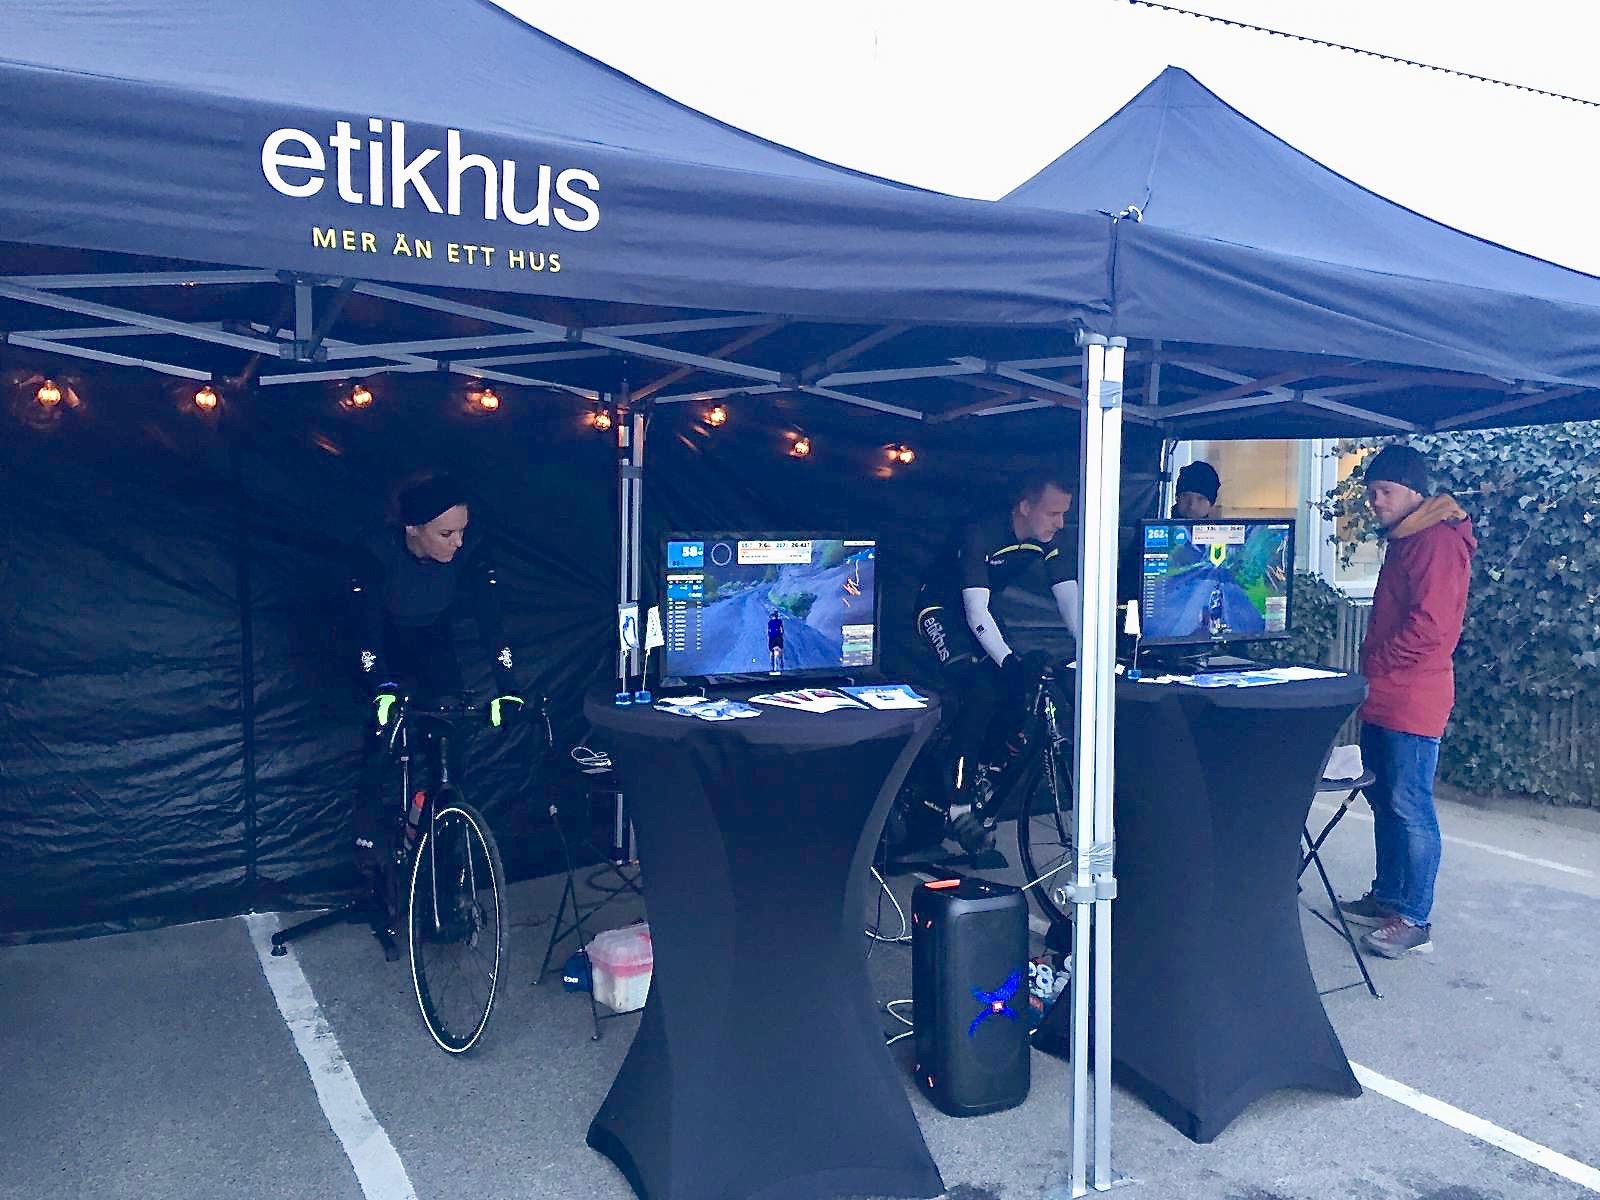 Cykeleventet där Anna Friborg och Etikhus gjorde en Everesting för Barndiabetesfonden.